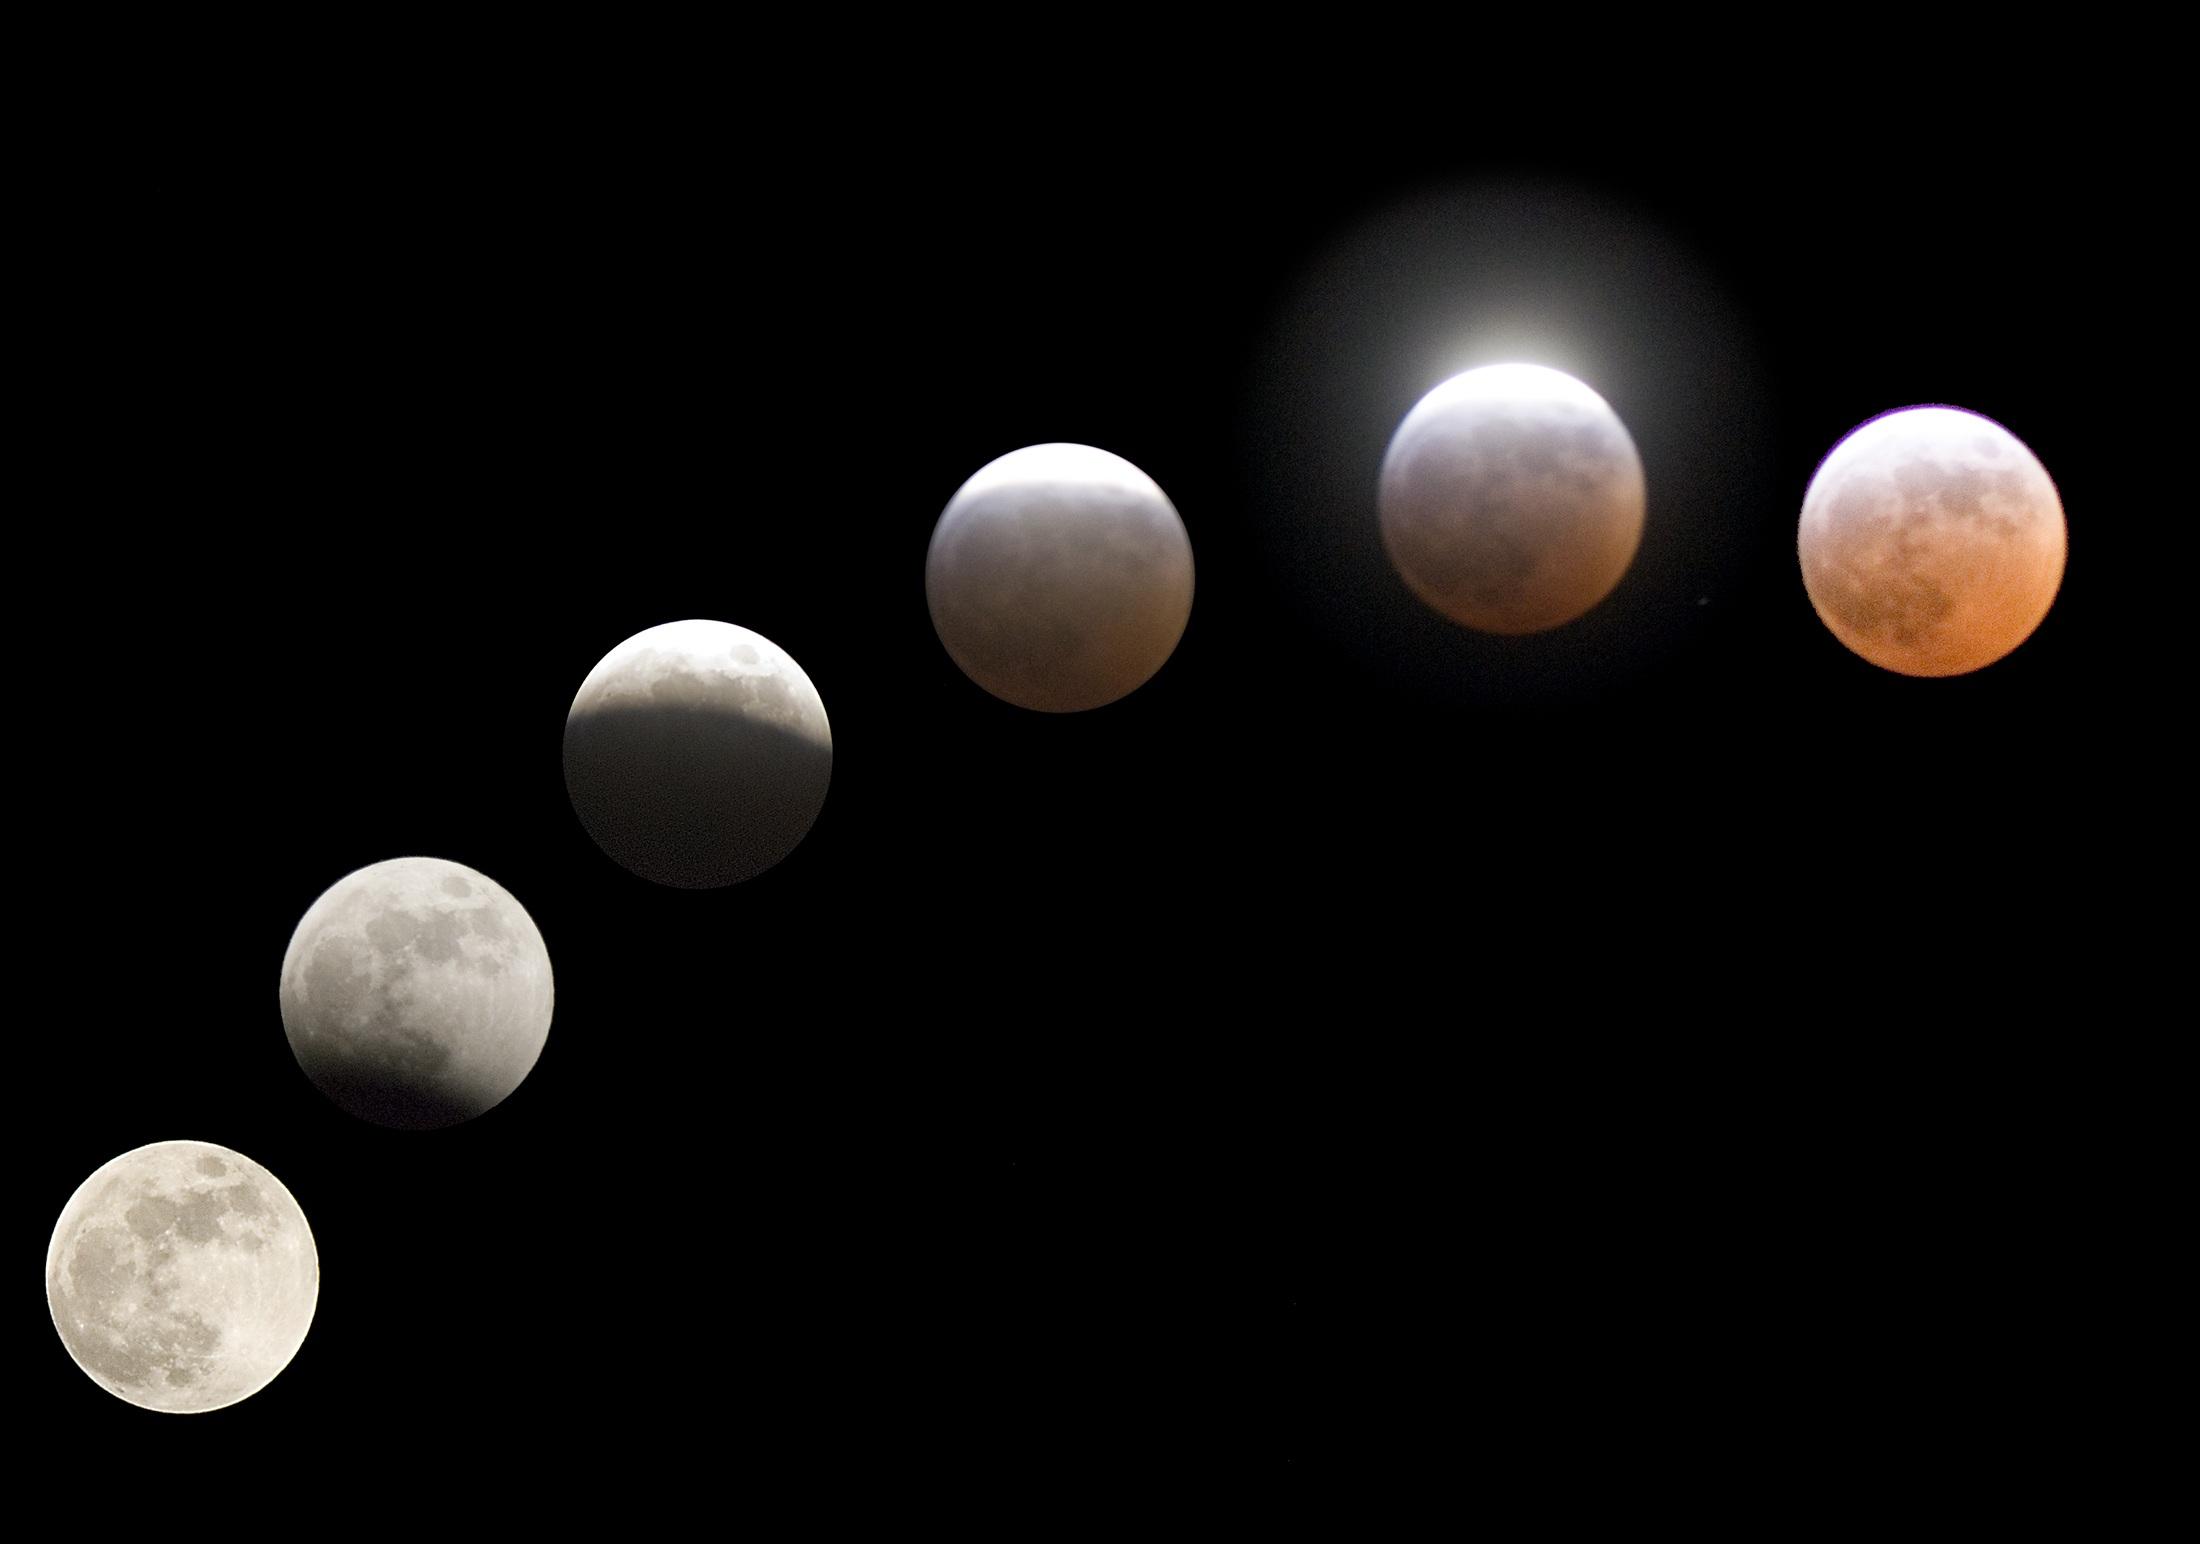 Bien-aimé Images Gratuites : lumière, atmosphère, pleine lune, cercle  JV01